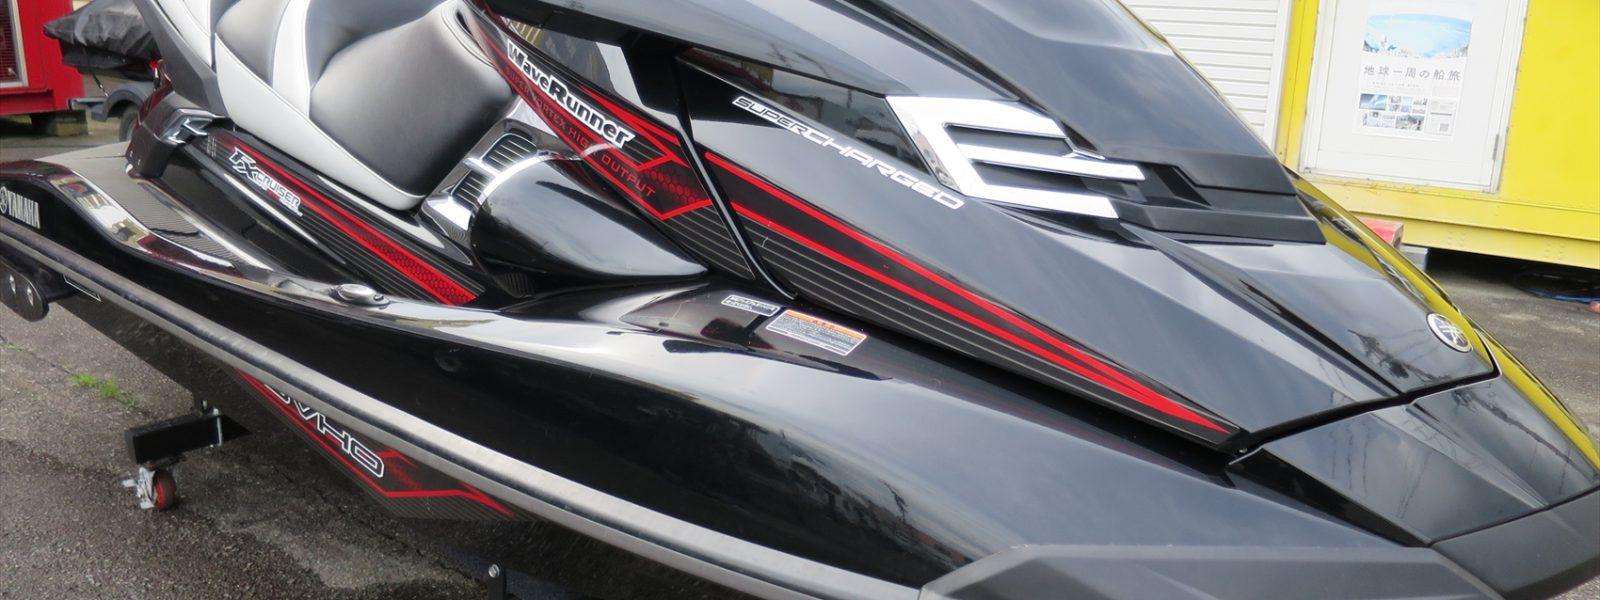 お買い得 中古マリンジェット! YAMAHA FX Cruiser SVHO 2016年モデル!